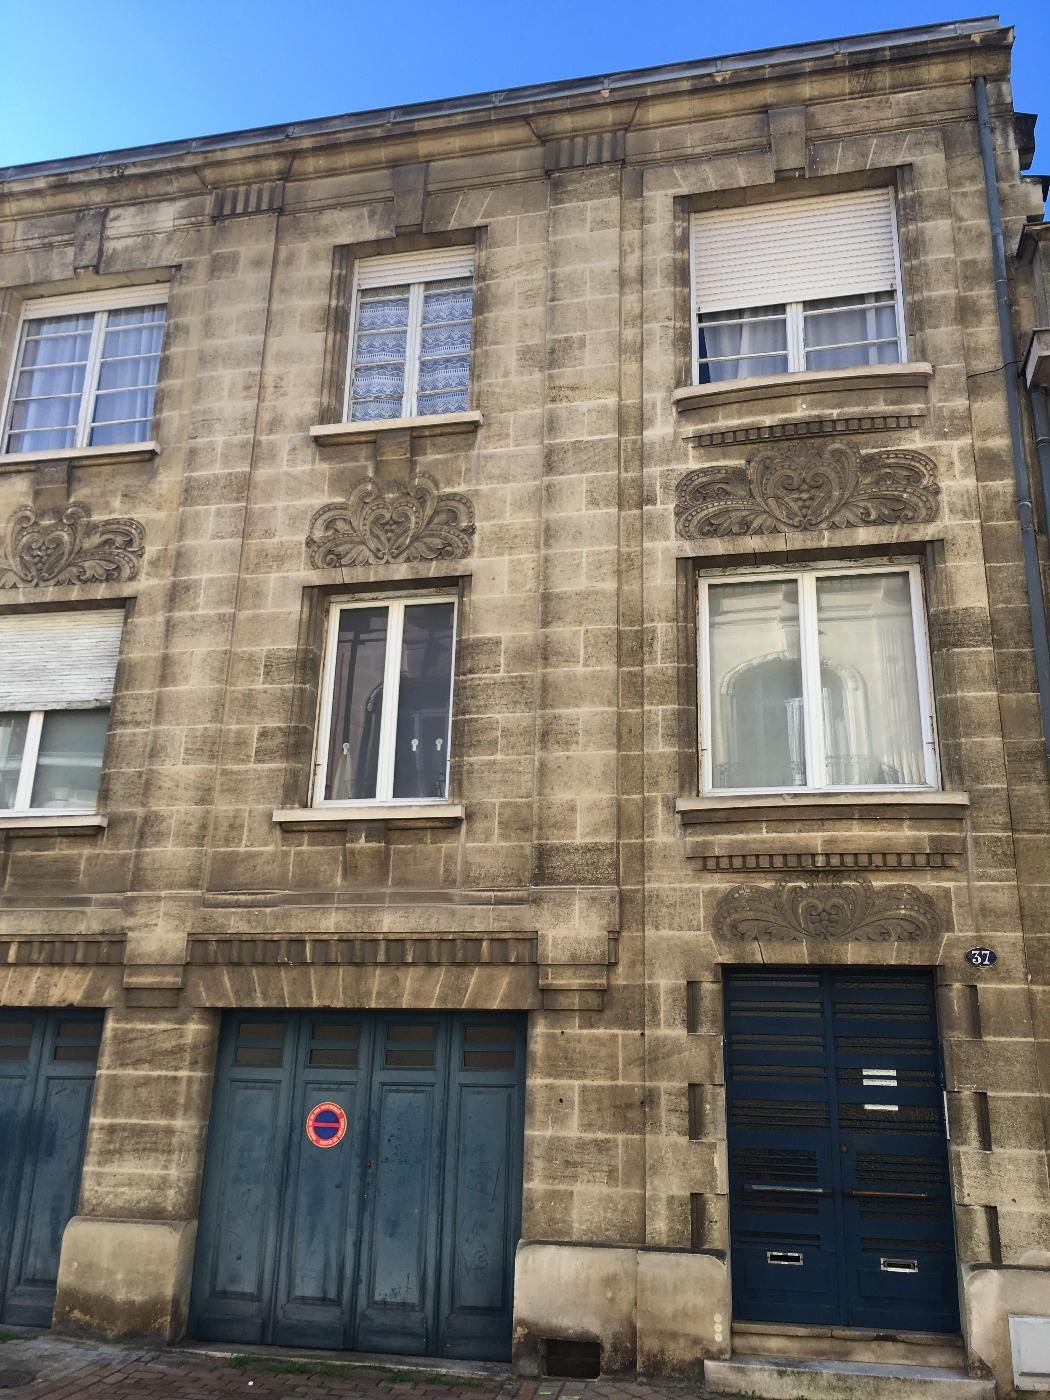 Location a louer t2 barri re de pessac for Appartement t2 bordeaux a louer